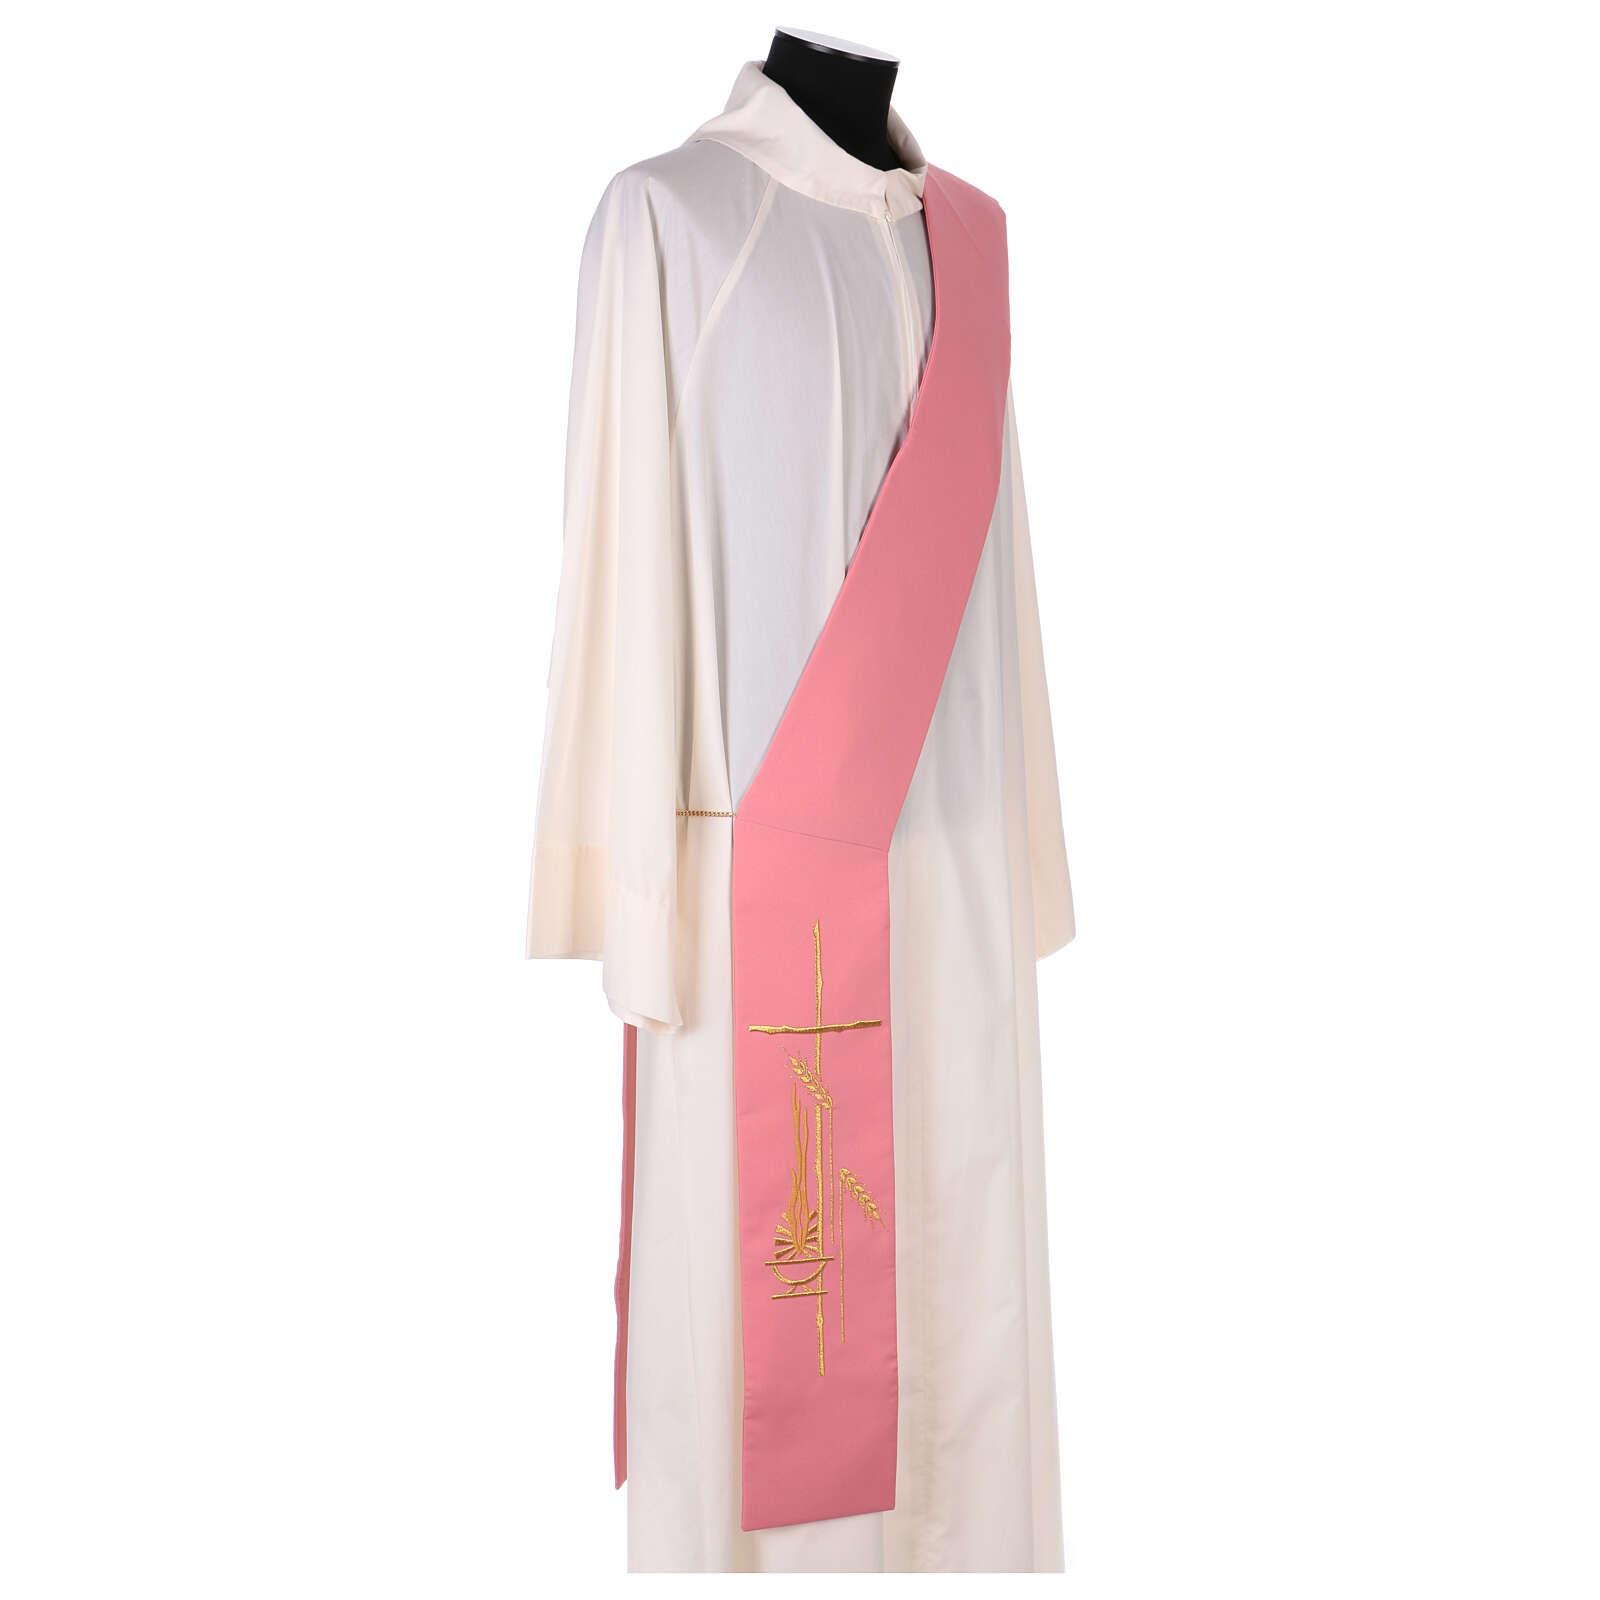 Stuła diakońska różowa 100% poliester lampka krzyż 4